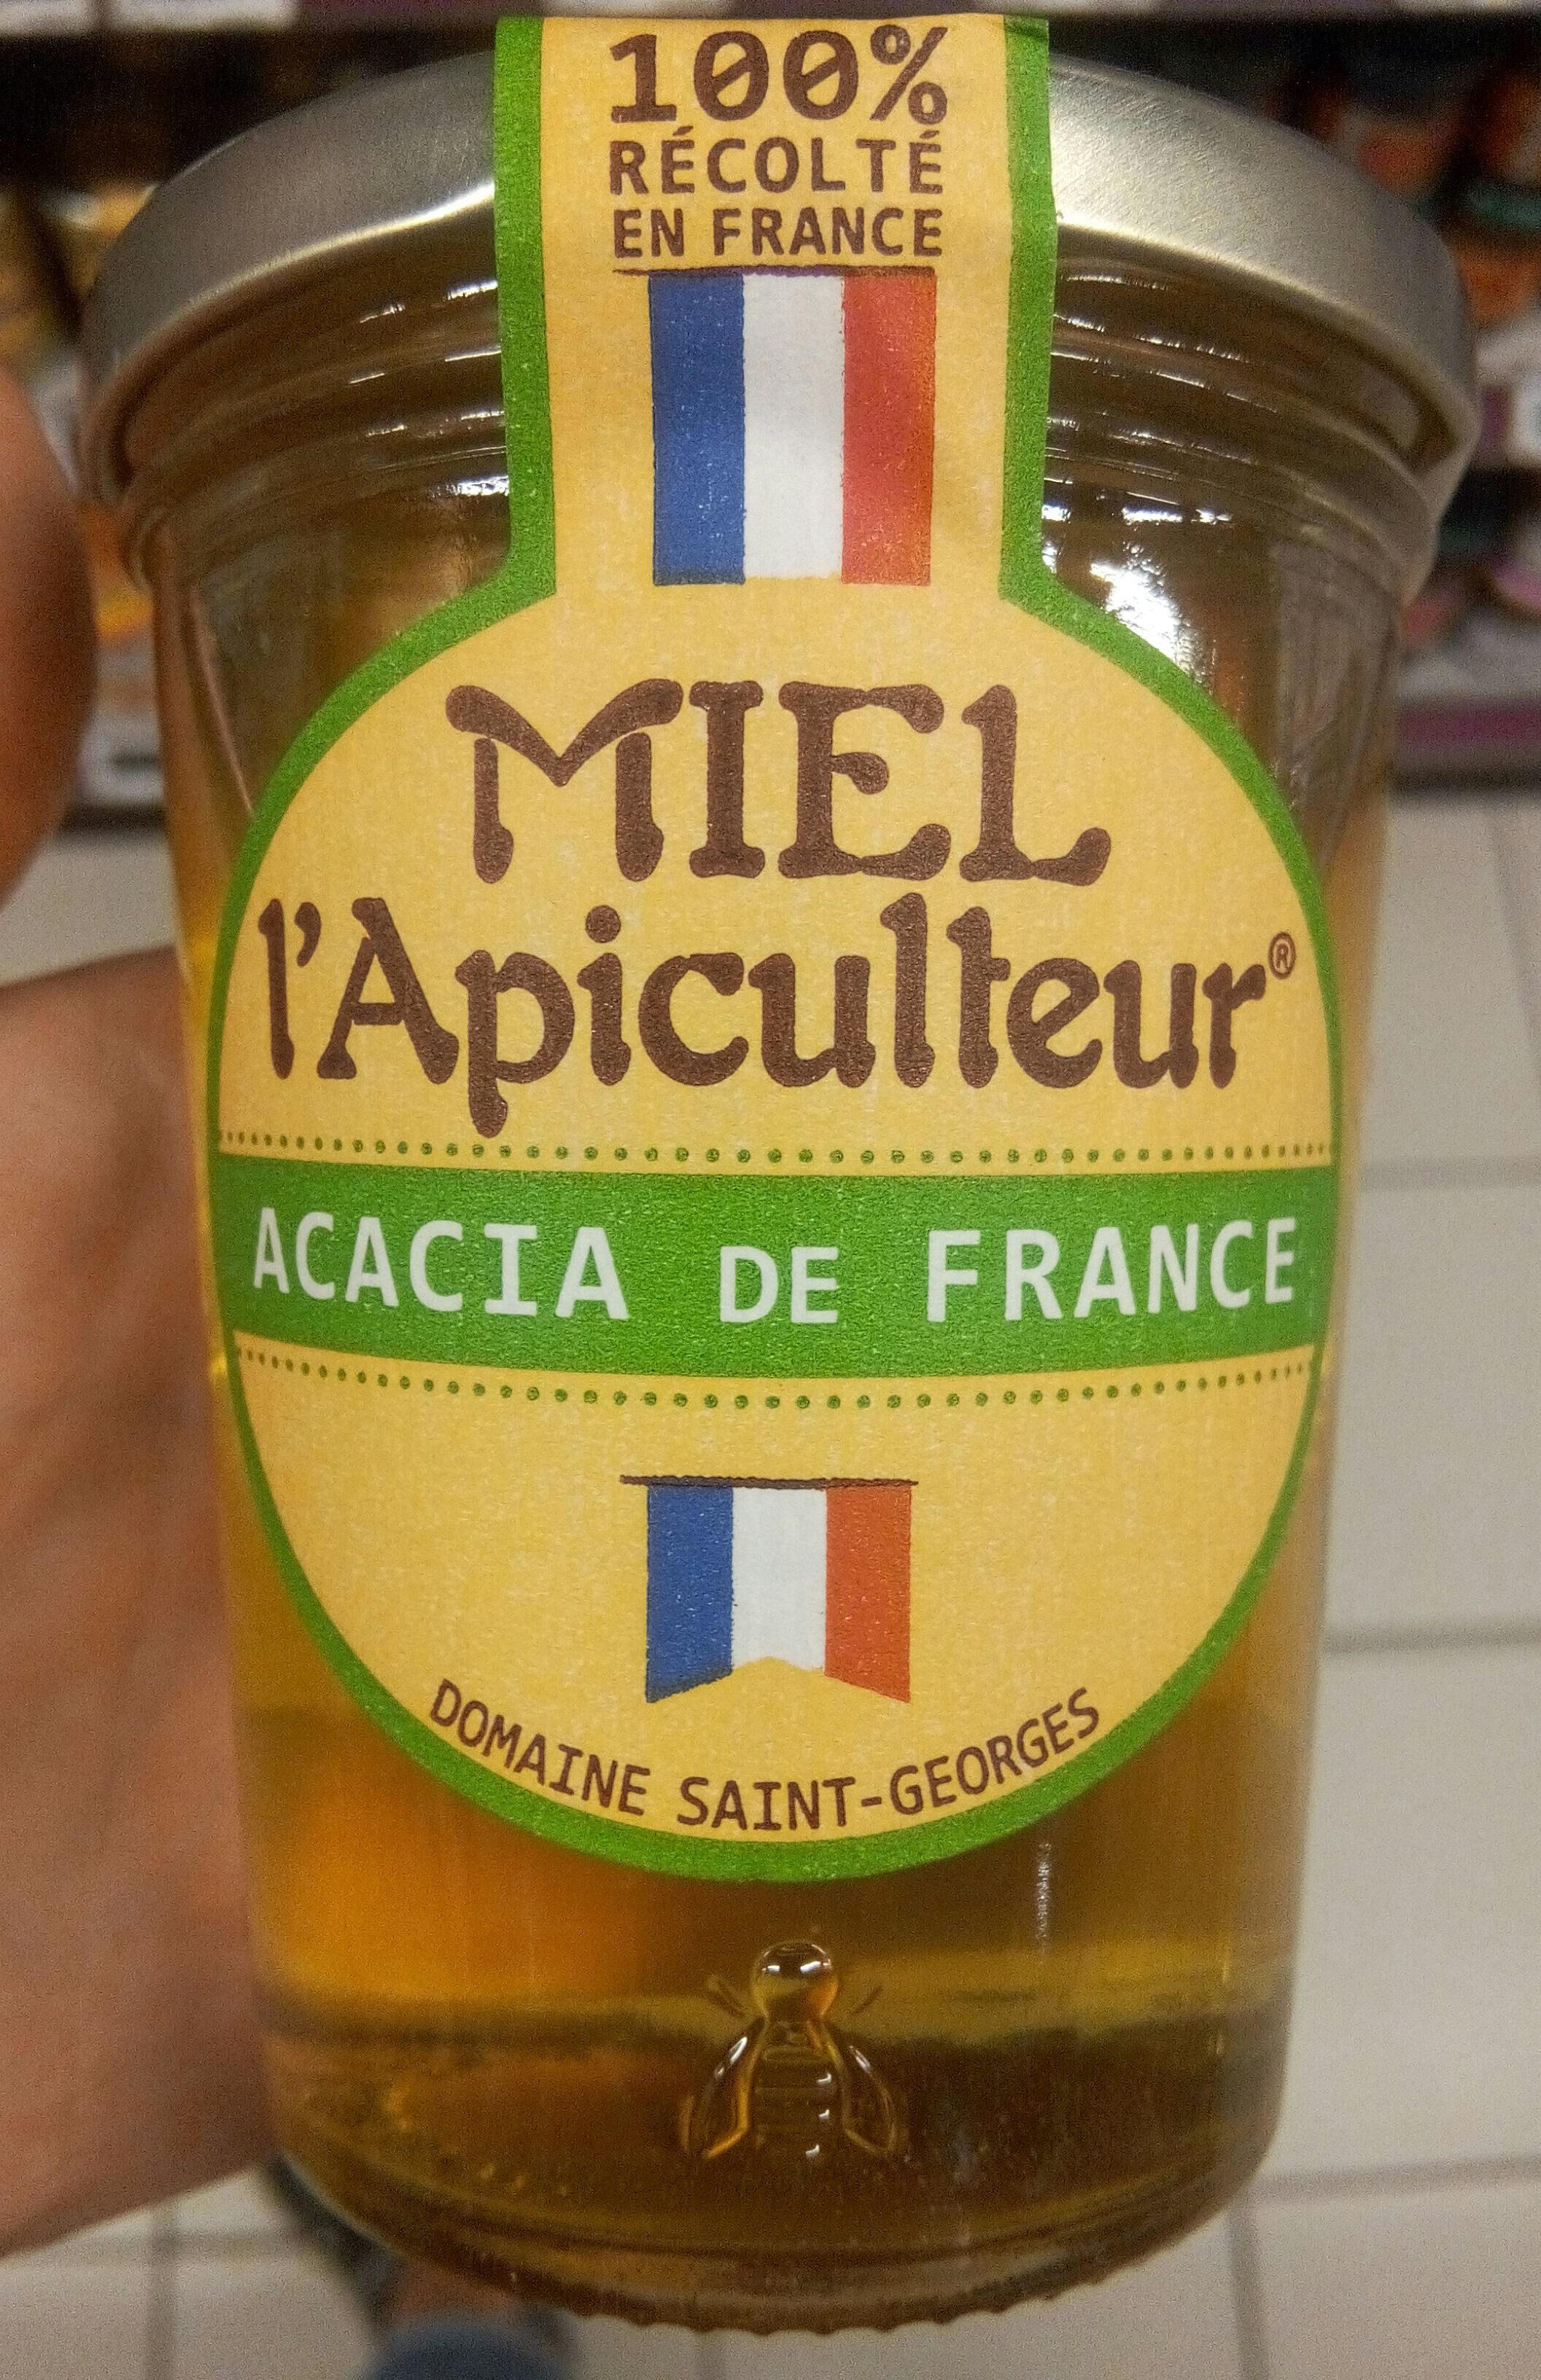 Miel acacia de France - Product - fr